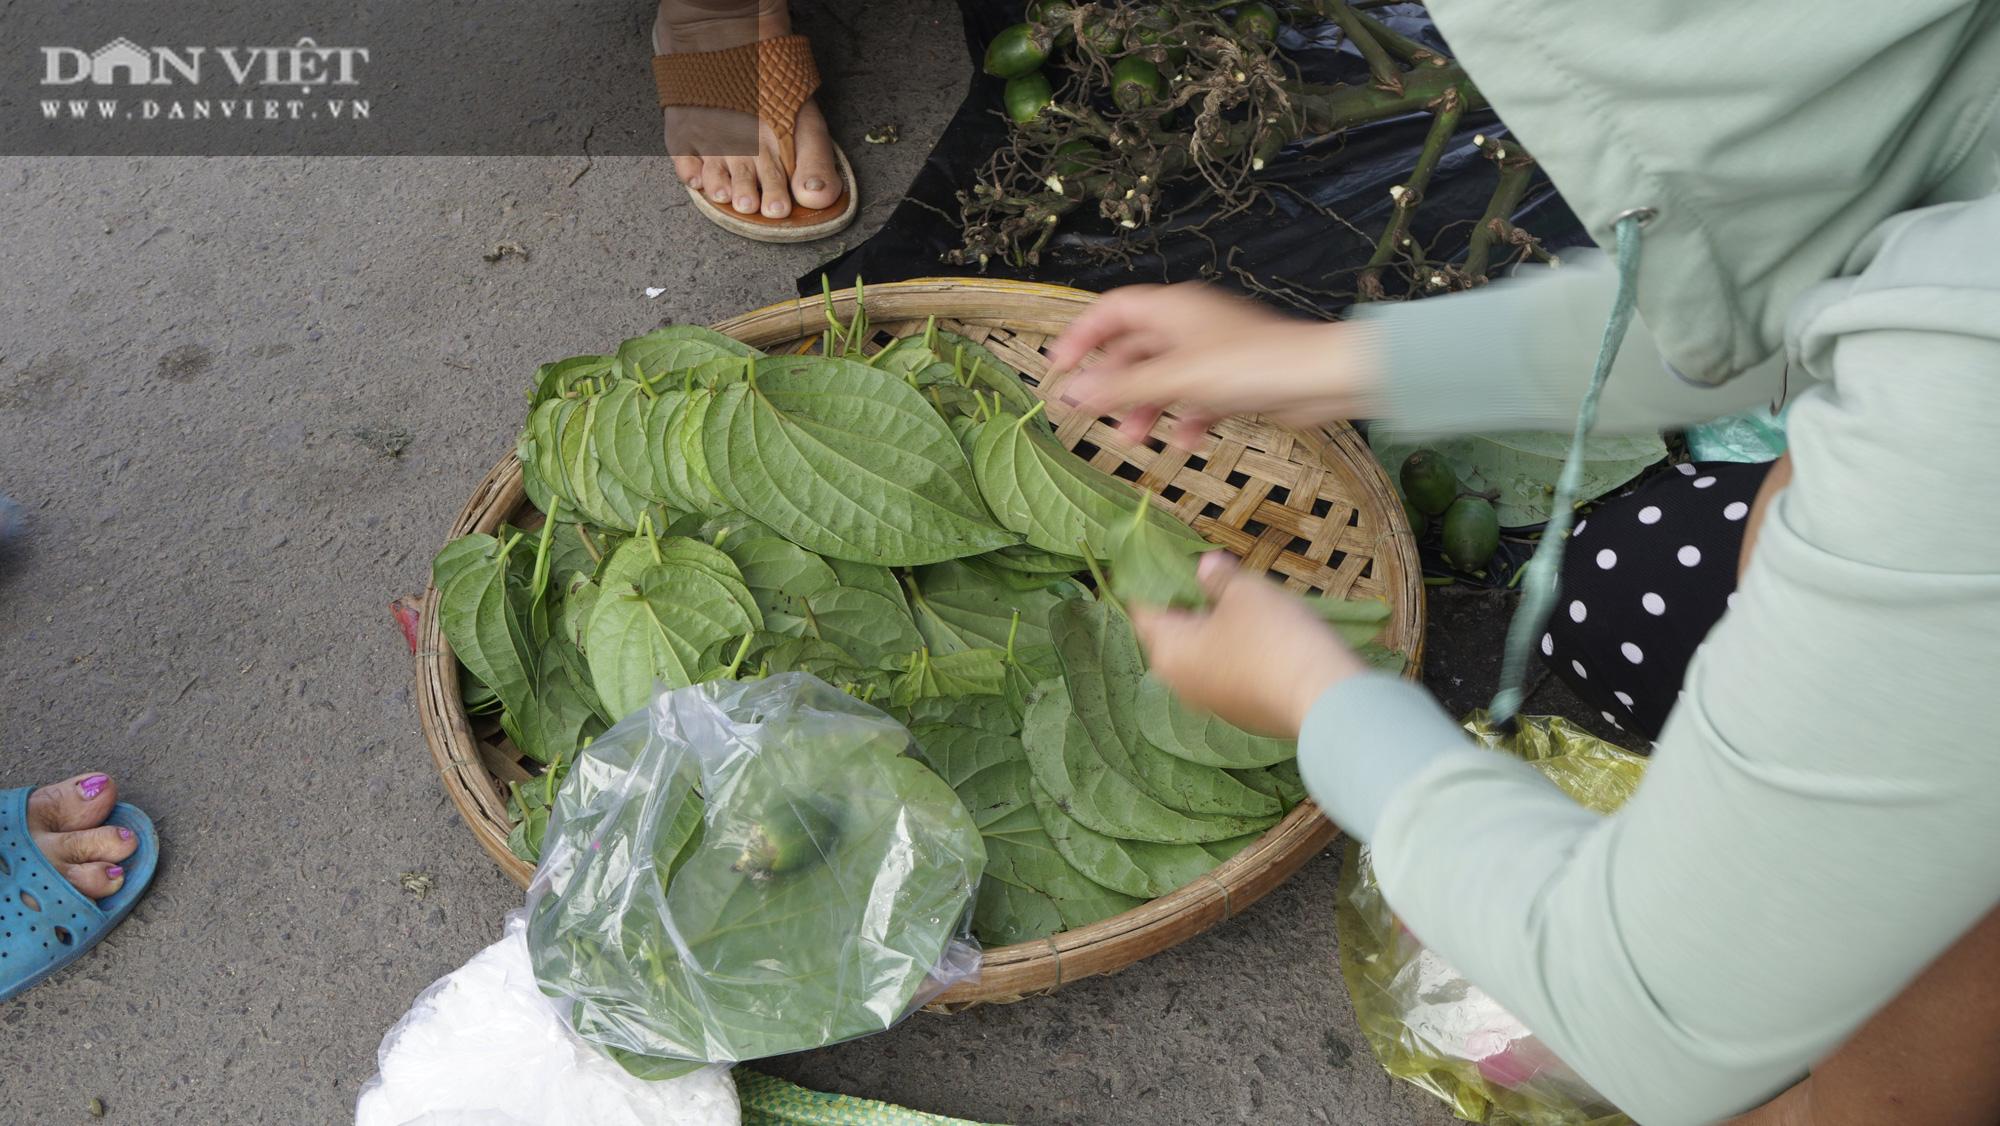 """Phiên chợ """"hiếm thấy"""" ít người biết ở Bình Định, mỗi năm chỉ họp duy nhất 1 lần - Ảnh 4."""